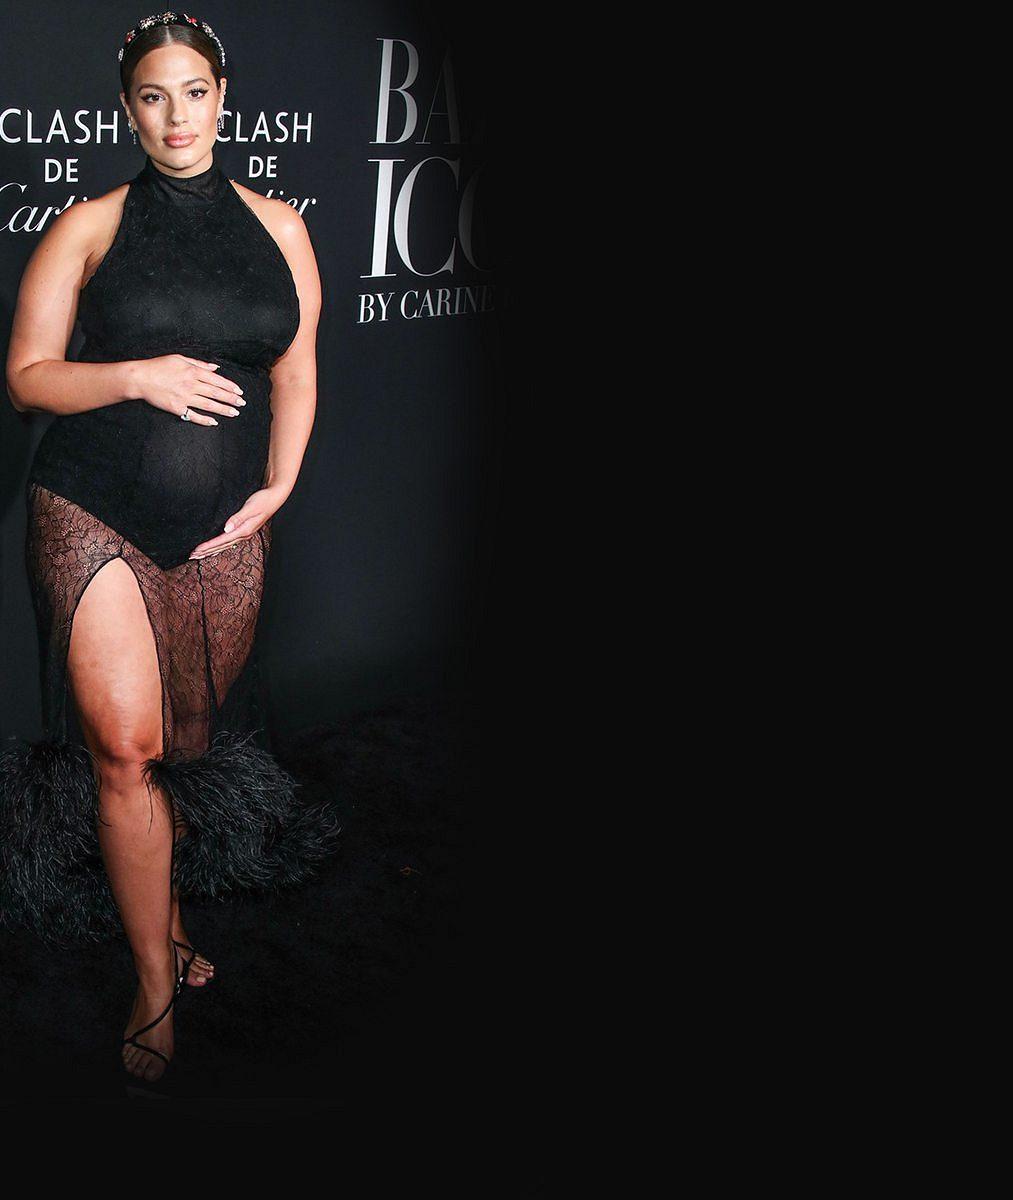 Nejslavnější plus size modelka vyfotila své tělo po porodu arozpovídala se odámských plenkách achlupech vpodpaží